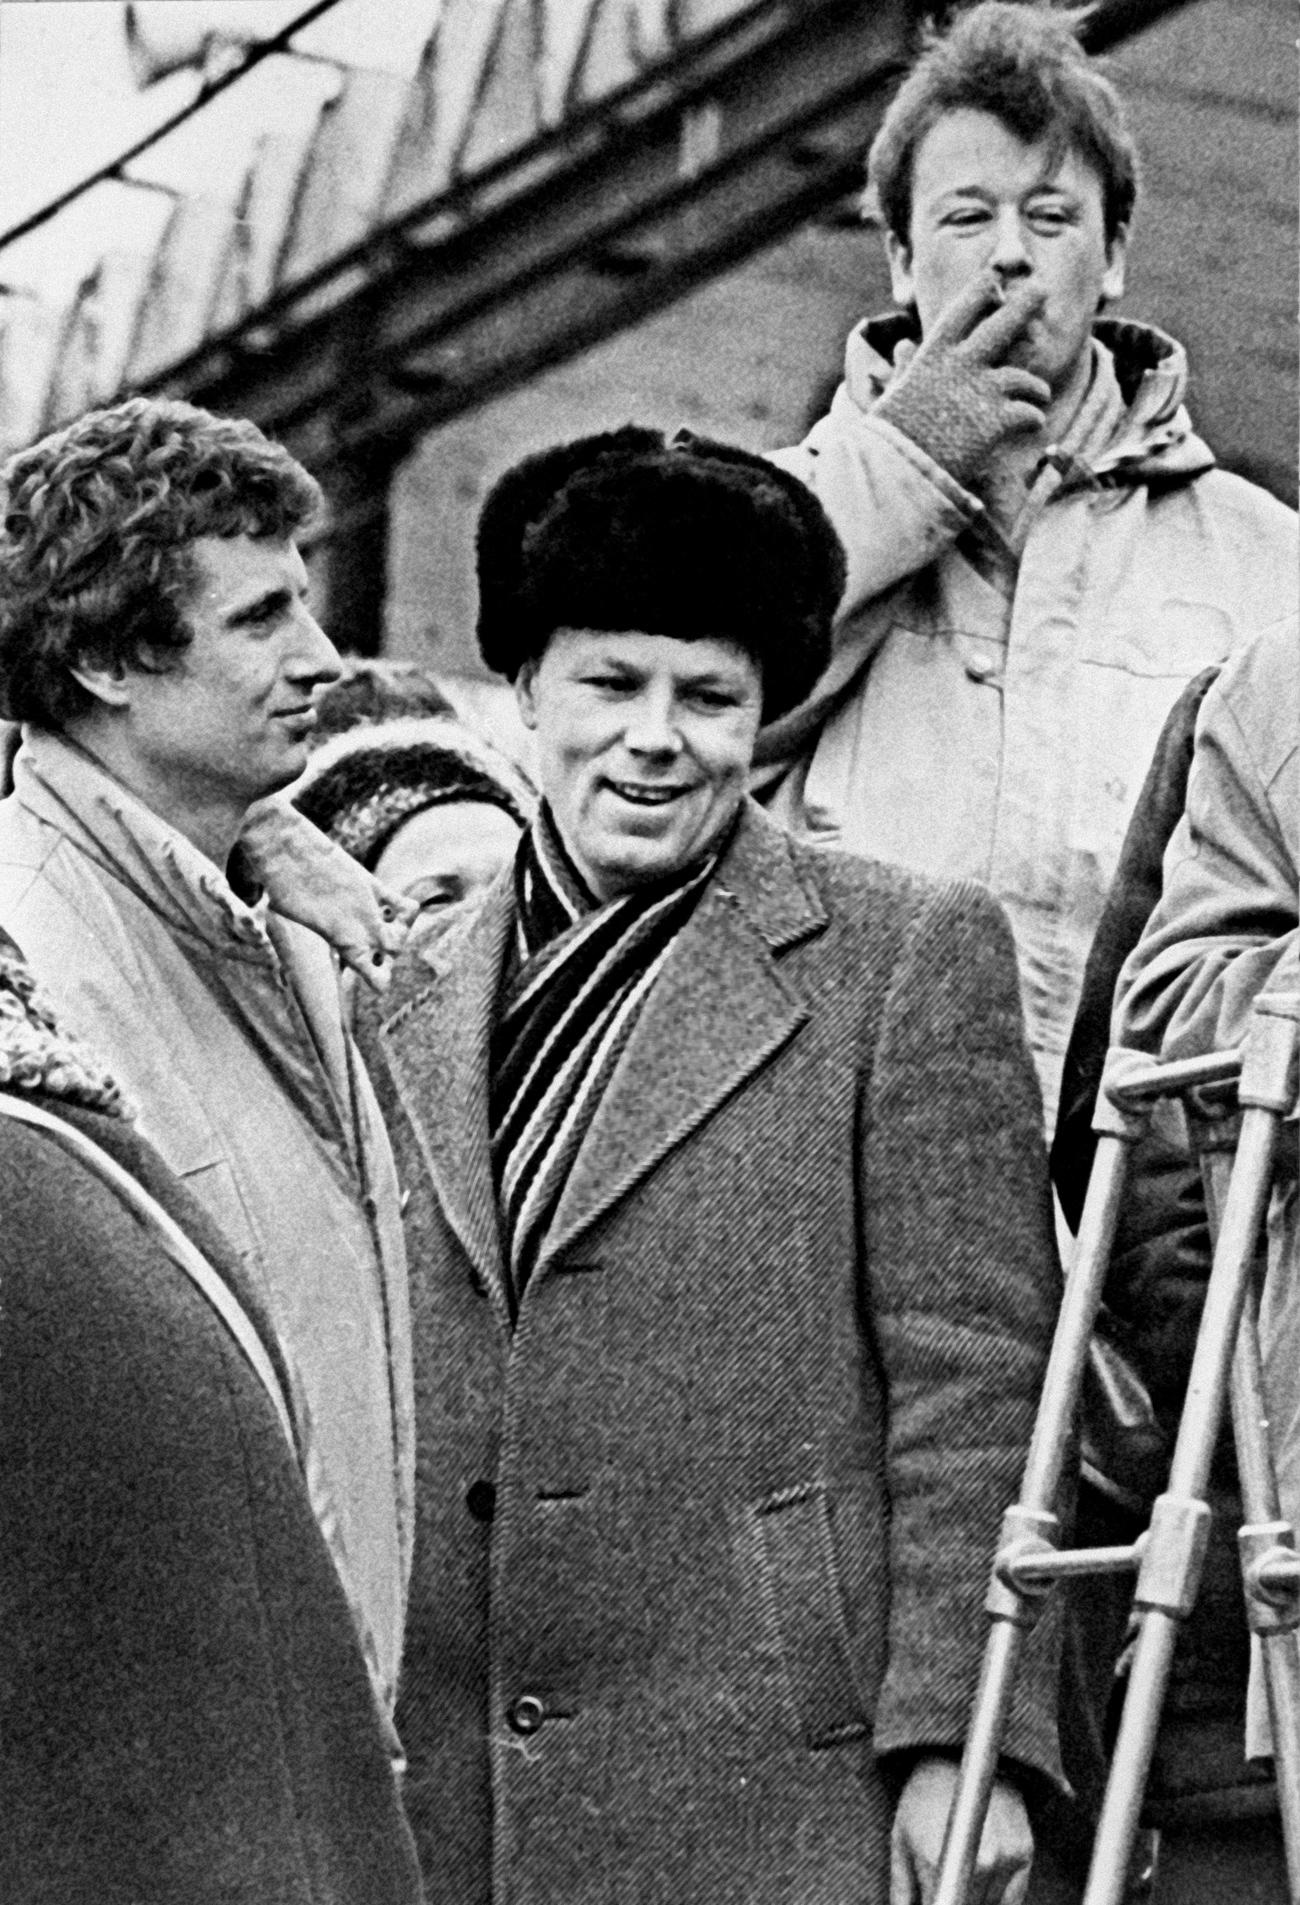 Александър Шмонов по време на предизборната кампания, 1990 г. Снимка: репродукция / М.Шарапов / РИА Новости